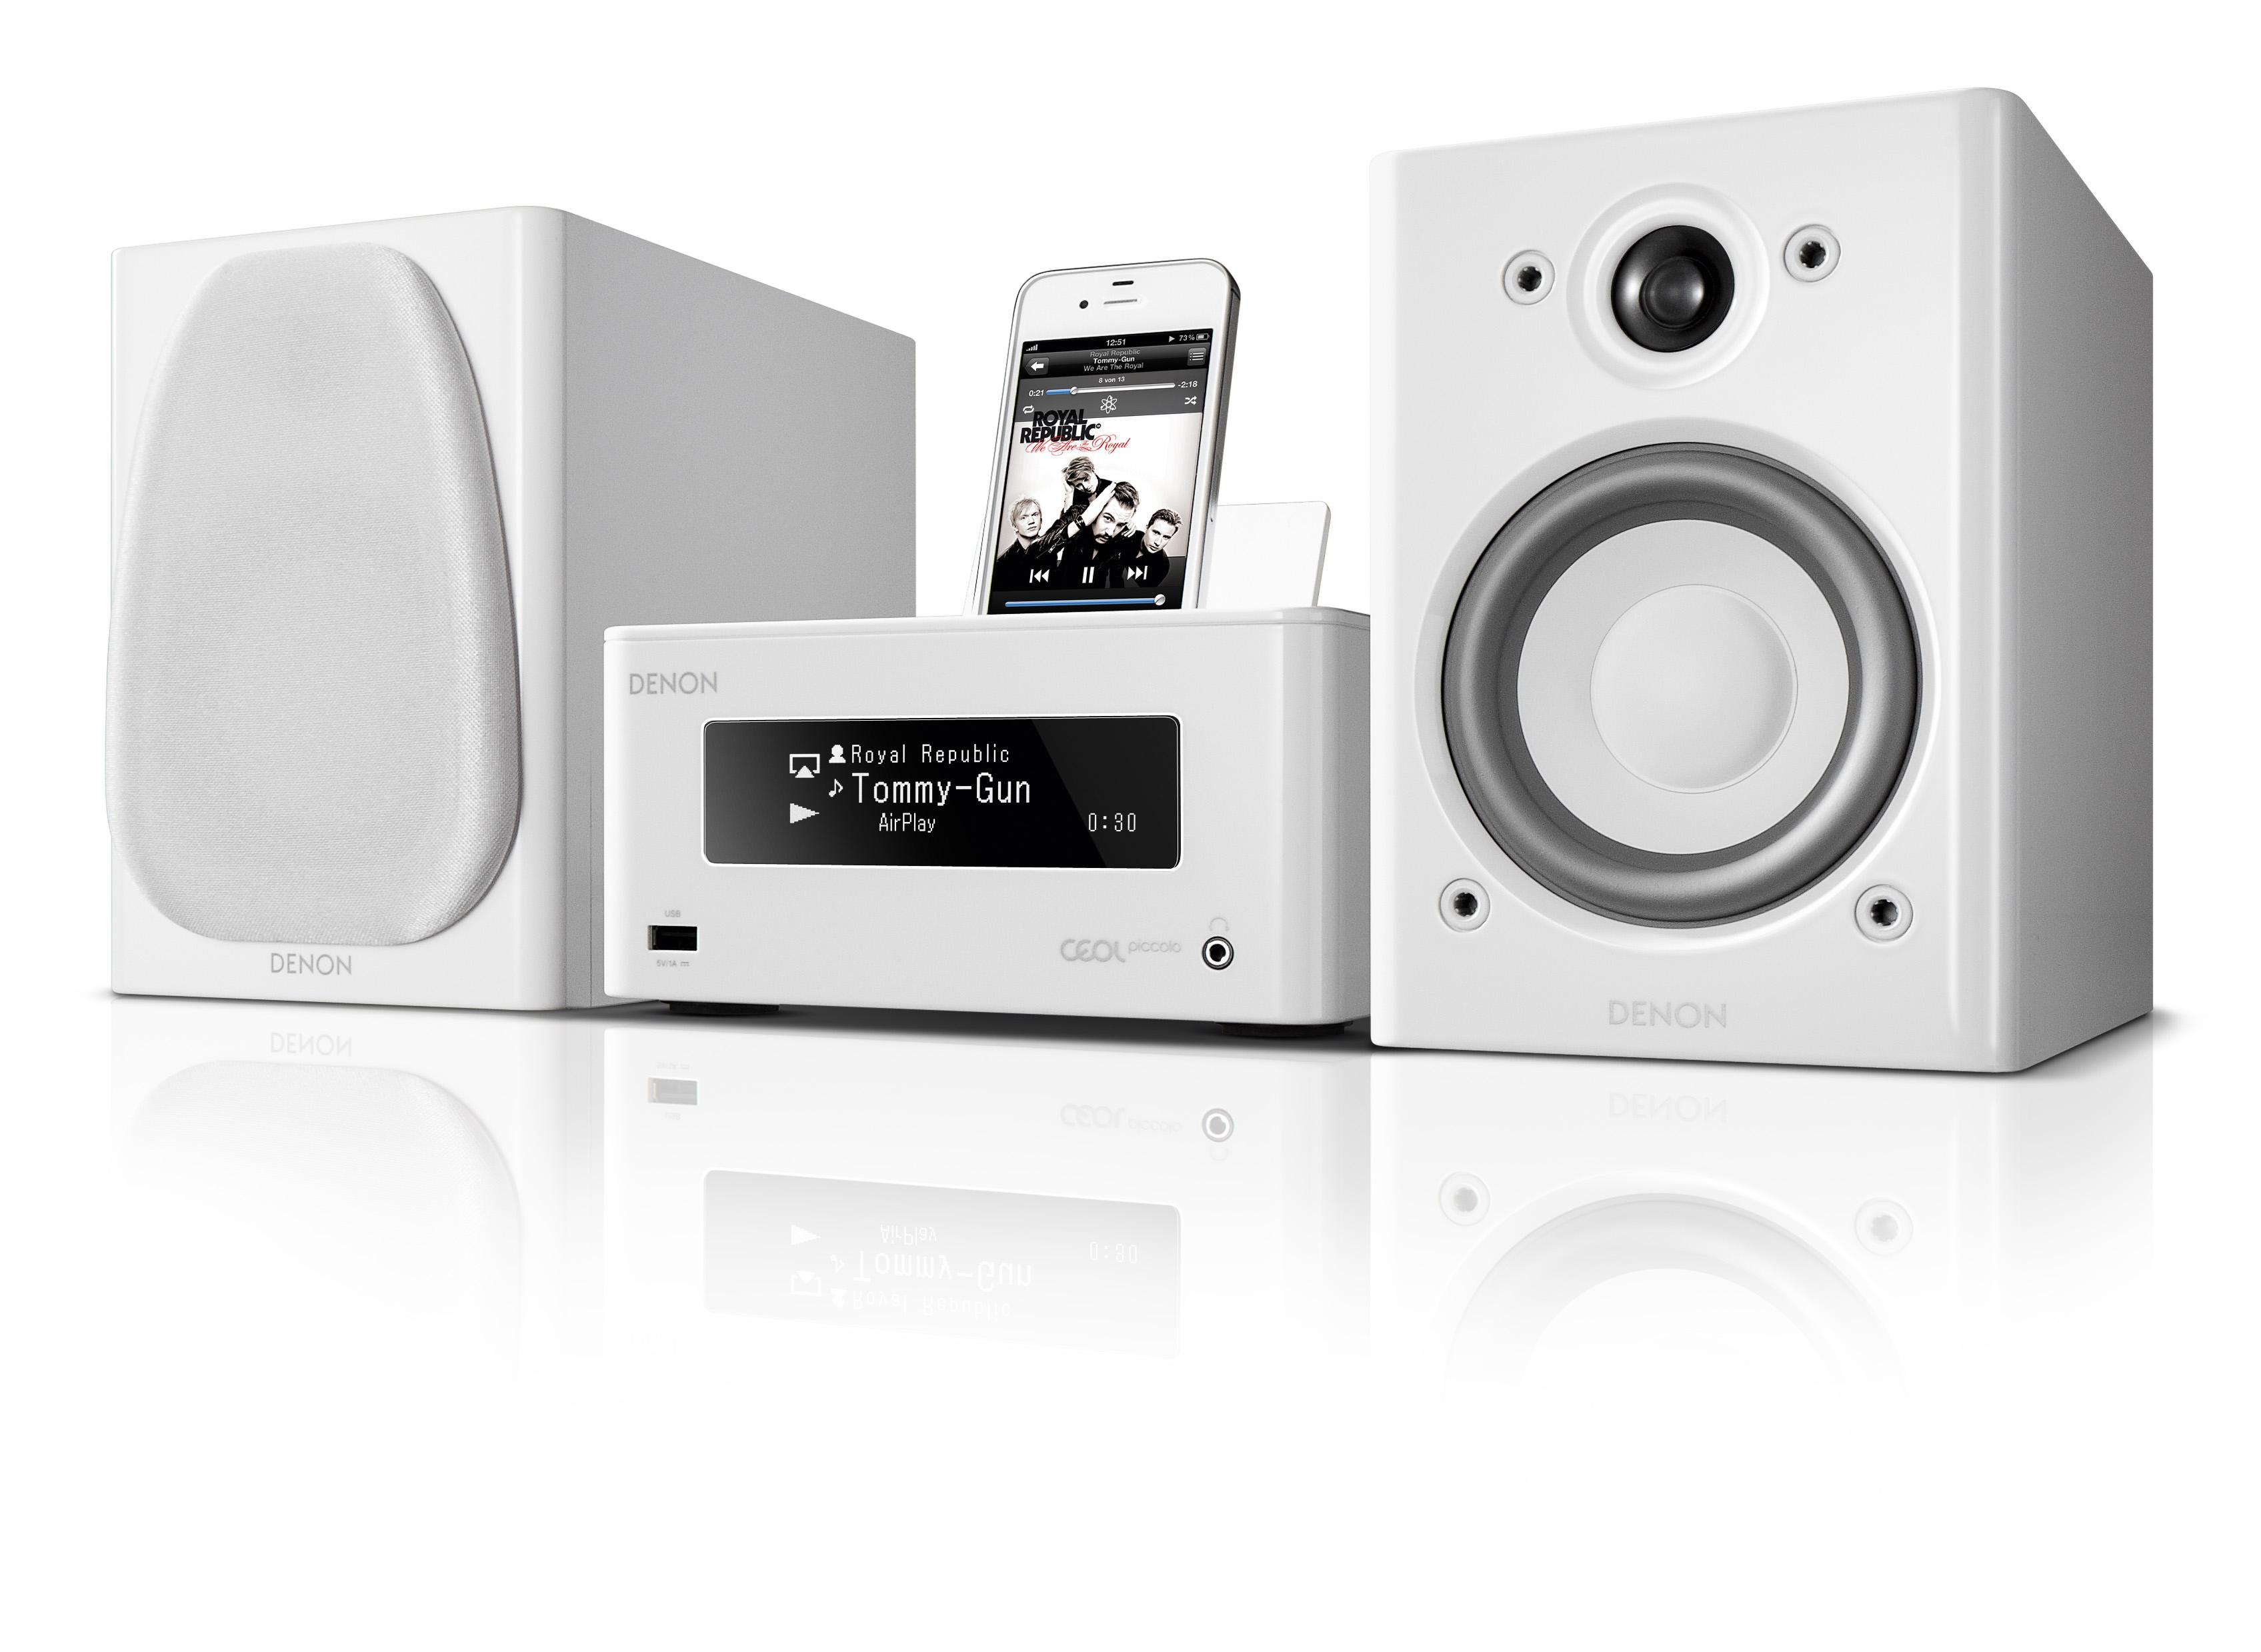 ชุดเครื่องเสียงDENON CEOL Piccolo N5 (White) ชุดเครื่องเสียงที่รองรับการเชื่อมต่อแบบไร้สายด้วยเทคโนโลยี Air Play